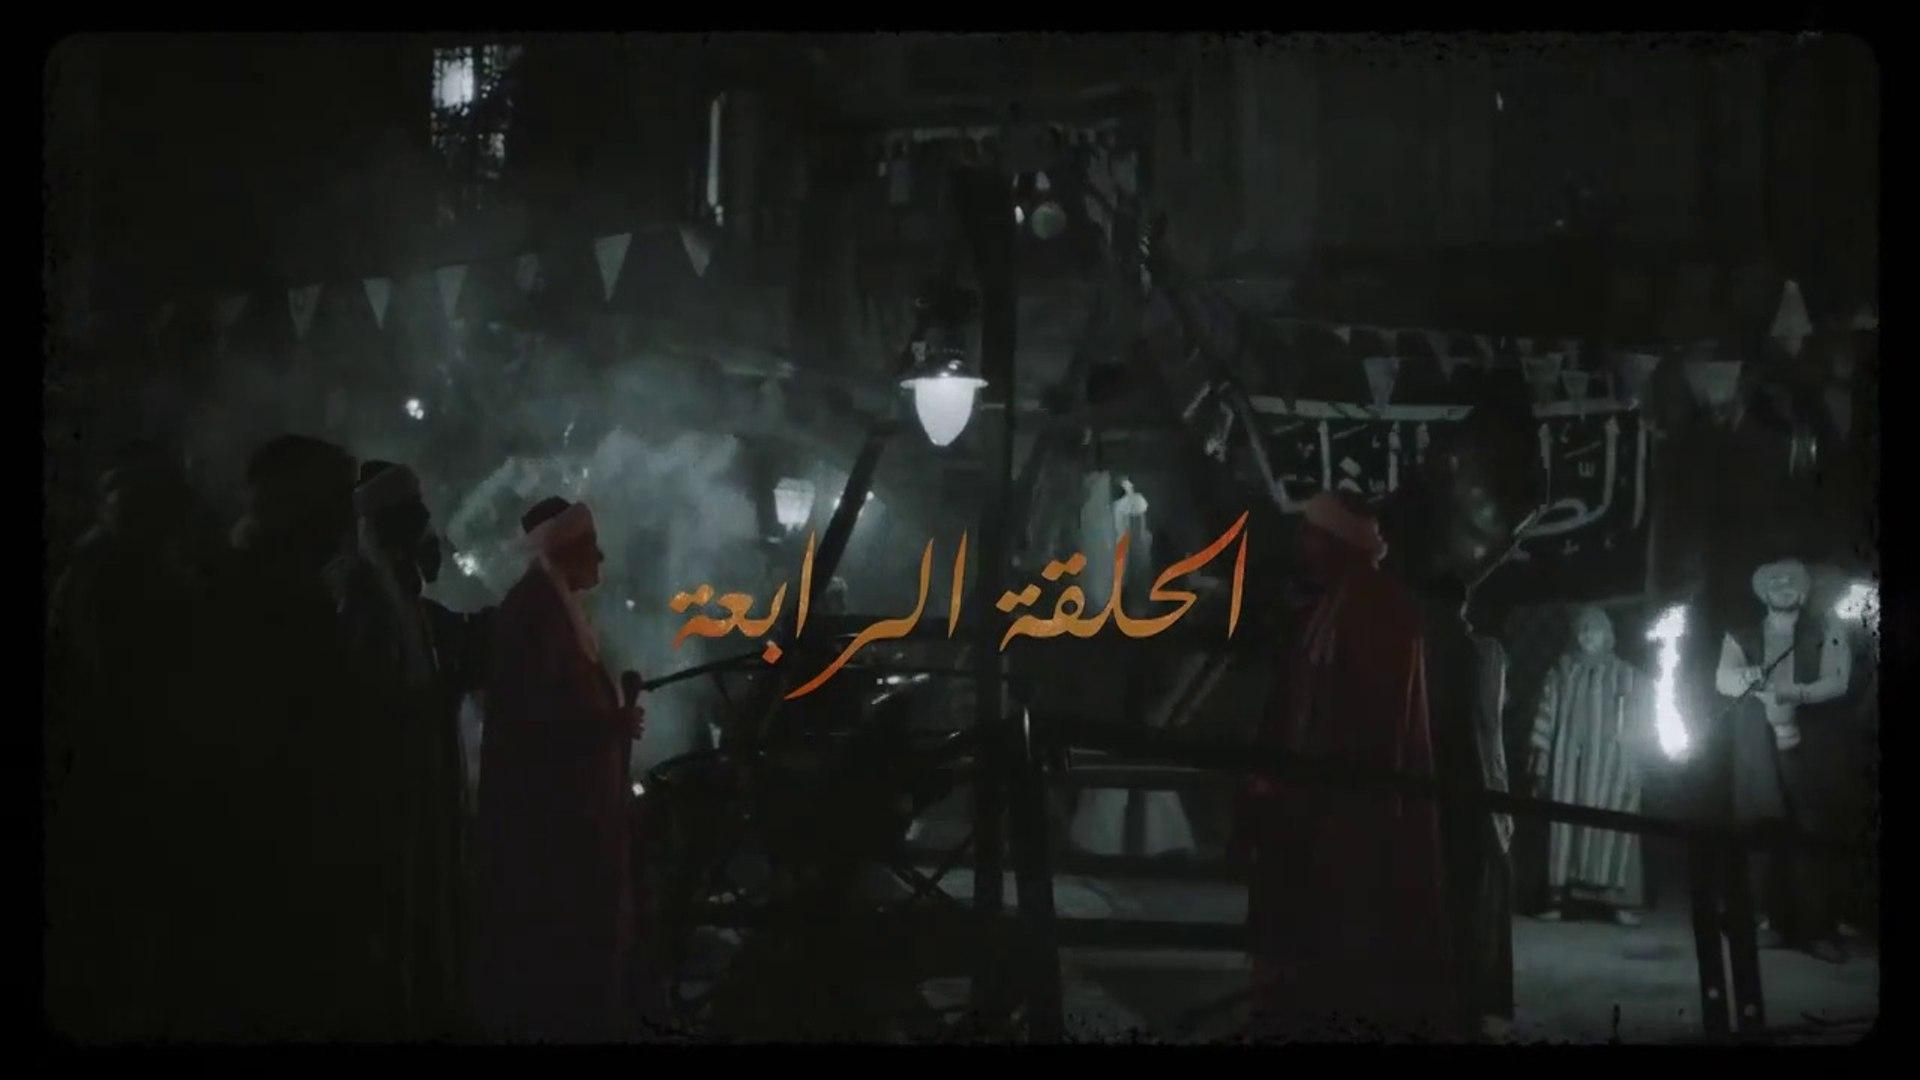 مسلسل الفتوة الحلقة 4  HD - مسلسل الفتوة الحلقة الرابعة ياسر جلال رمضان 2020